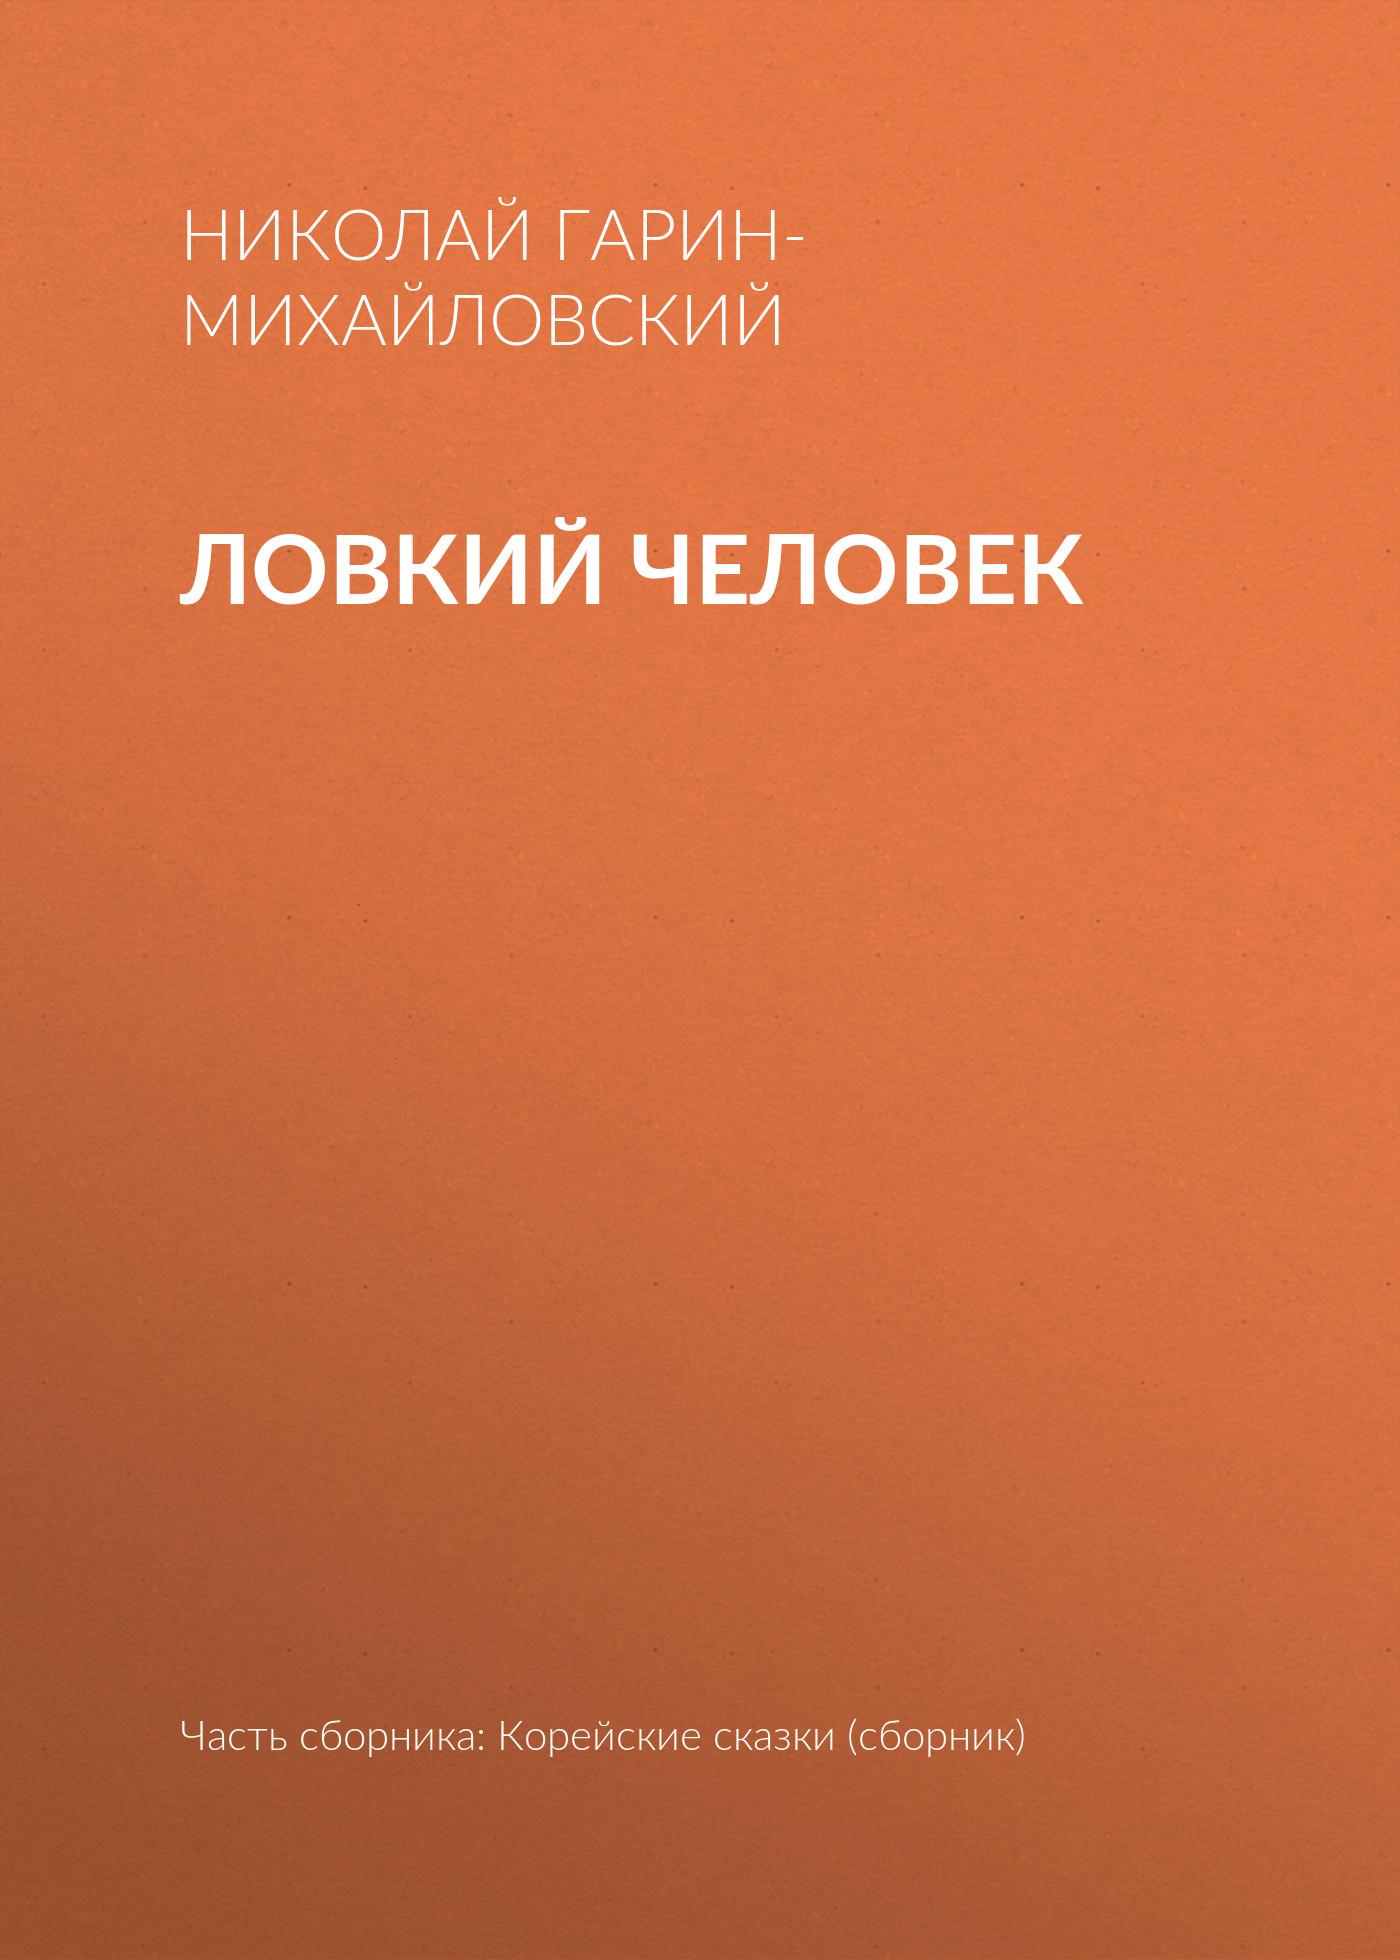 Николай Гарин-Михайловский Ловкий человек цена 2017